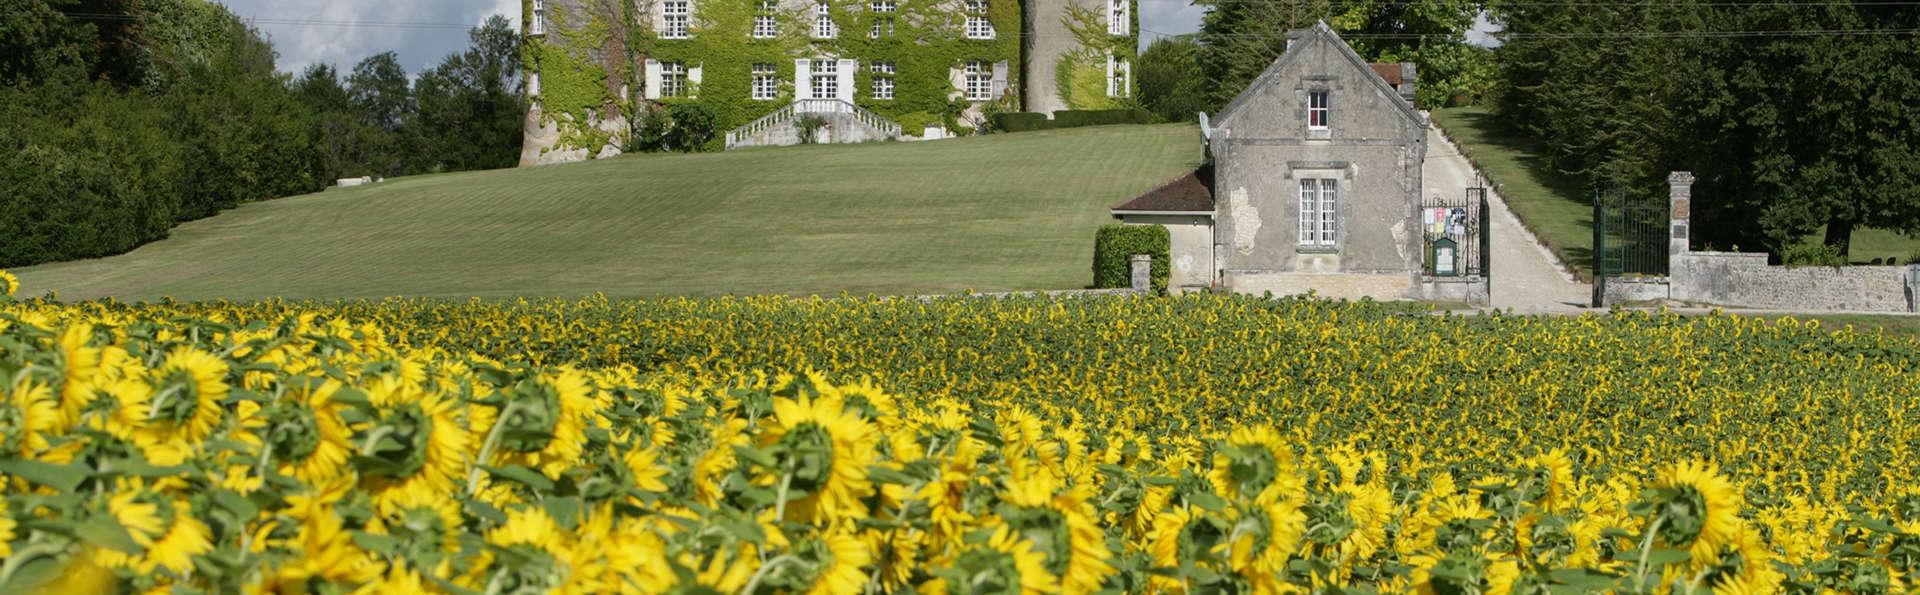 Week-end détente aux pays des 1001 châteaux en Périgord vert (2 nuits min)